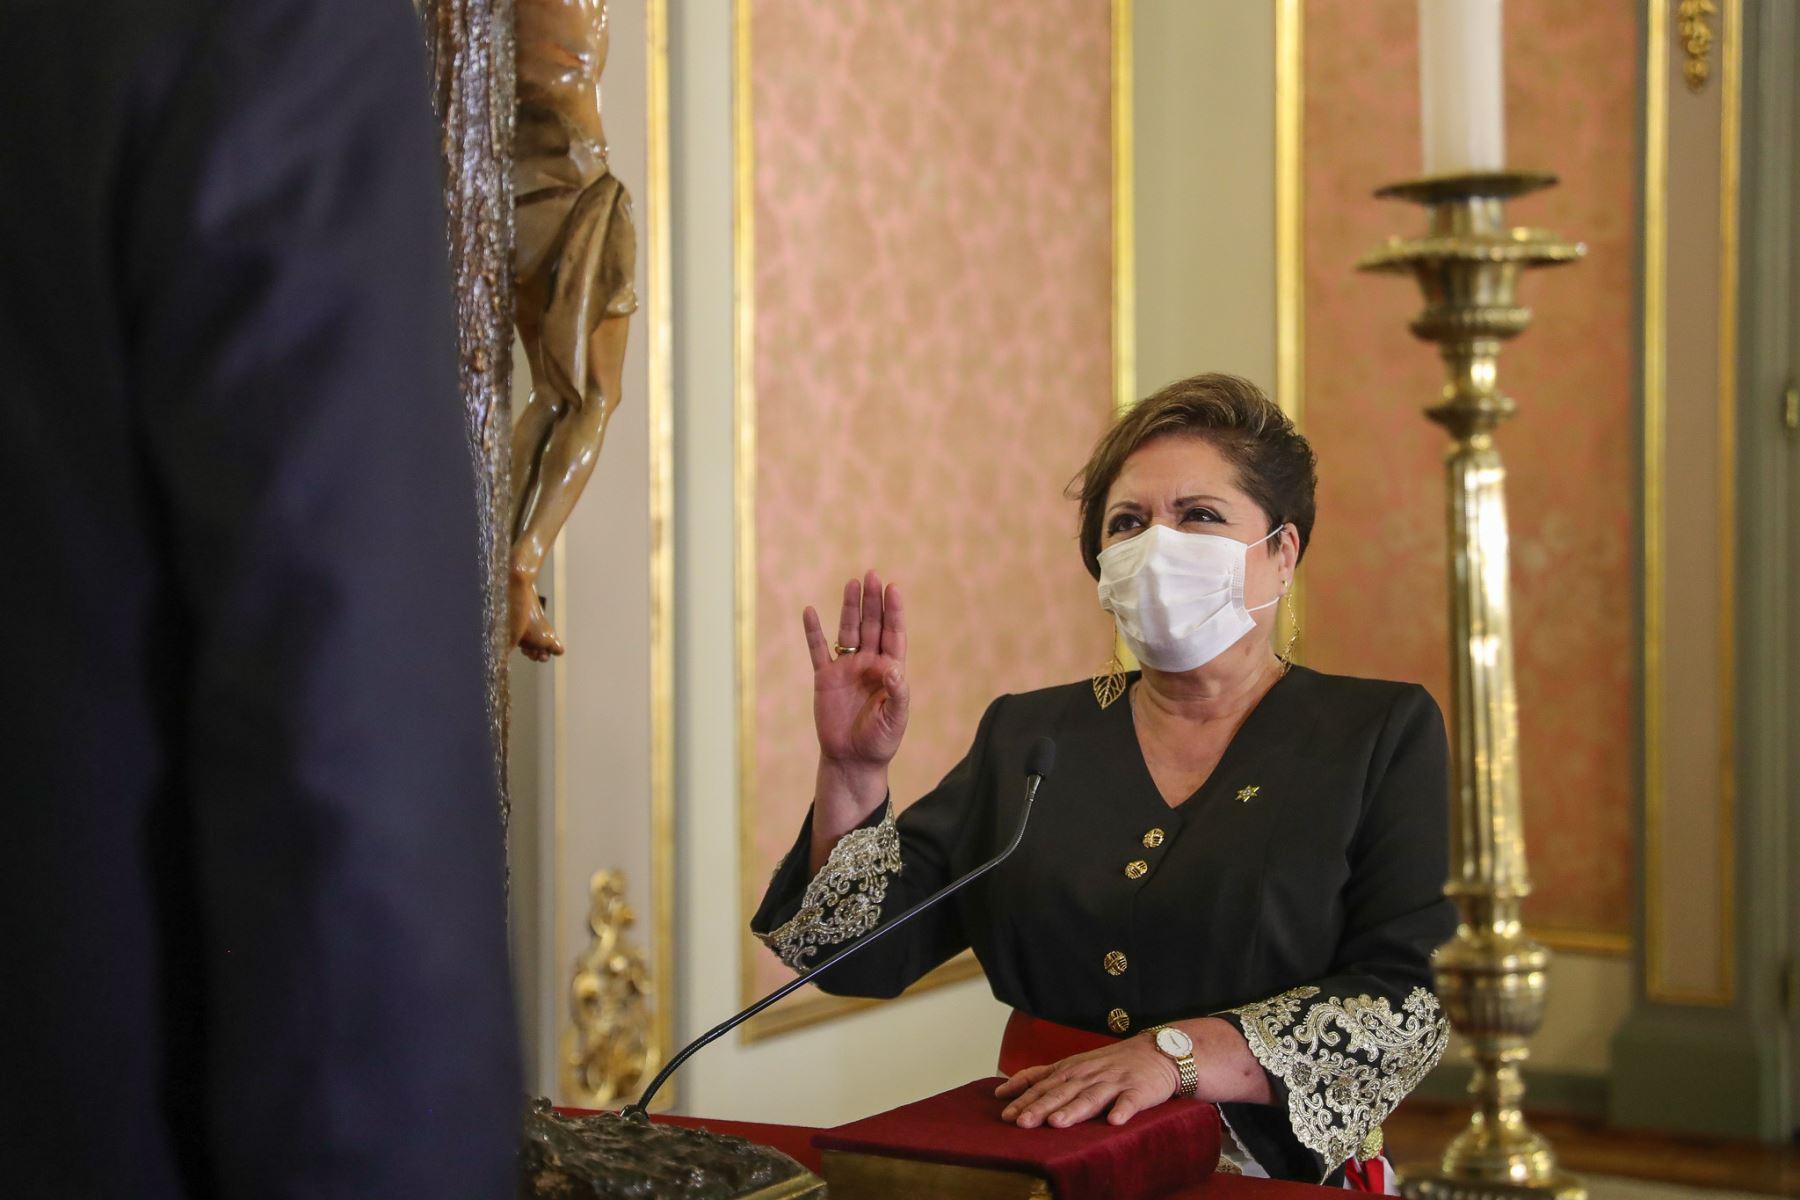 El presidente de la República, Martín Vizcarra, toma juramento a Rosario Sasieta como ministra de la Mujer y Poblaciones Vulnerables.  Foto: ANDINA/ Prensa Presidencia